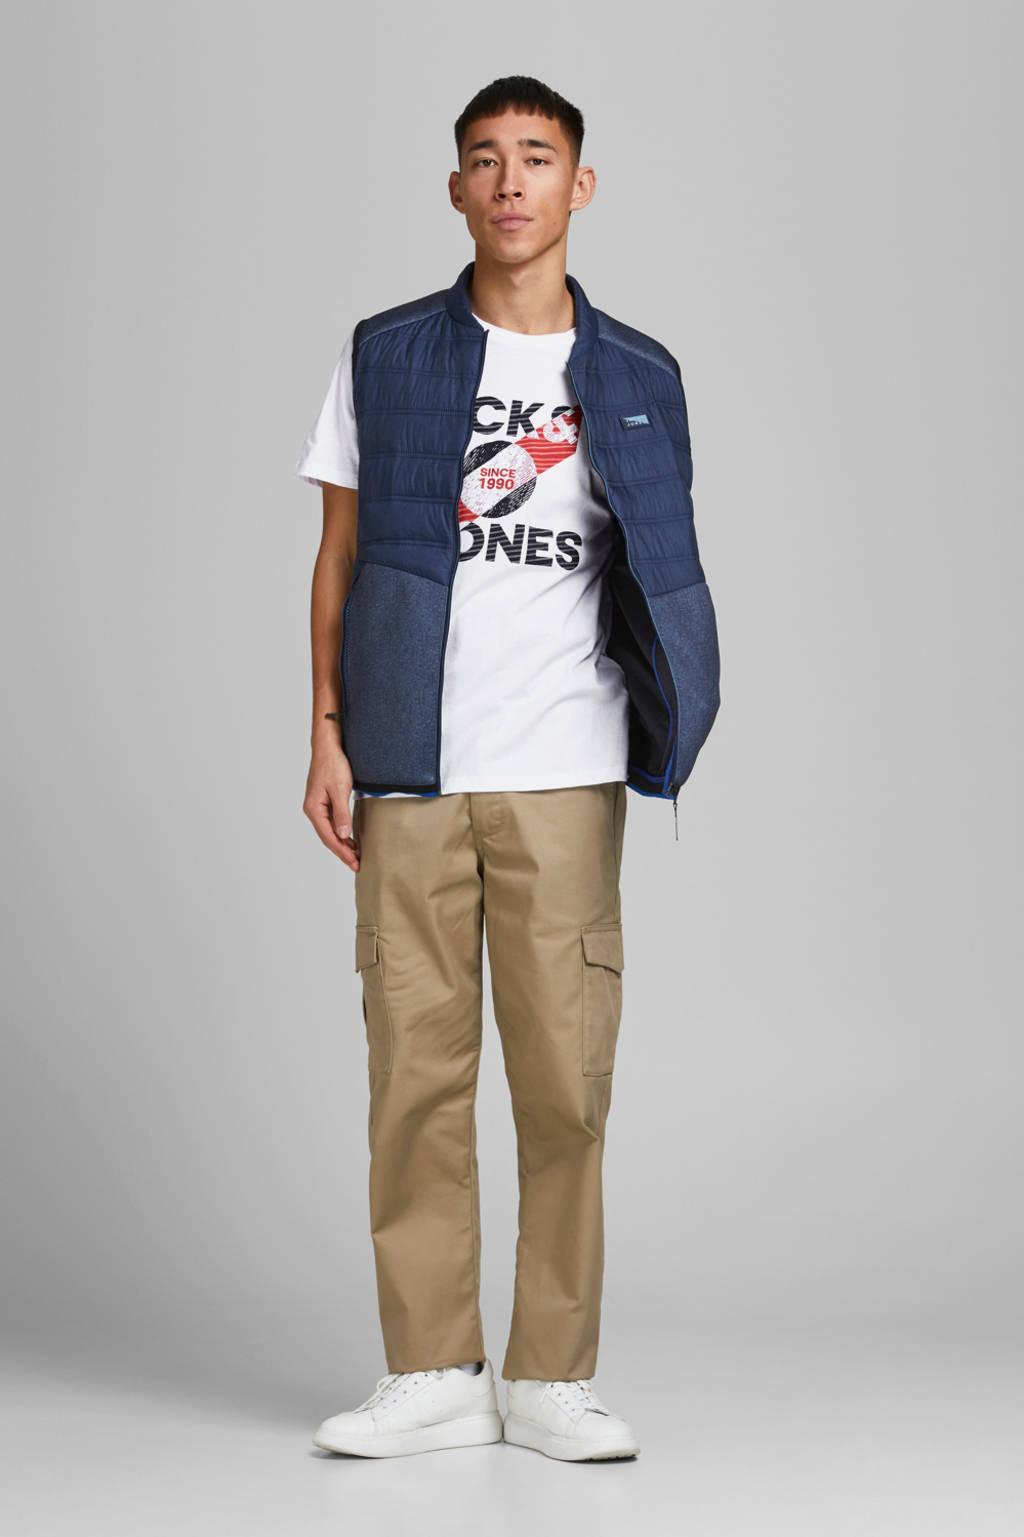 JACK & JONES CORE T-shirt Star met logo wit, Wit